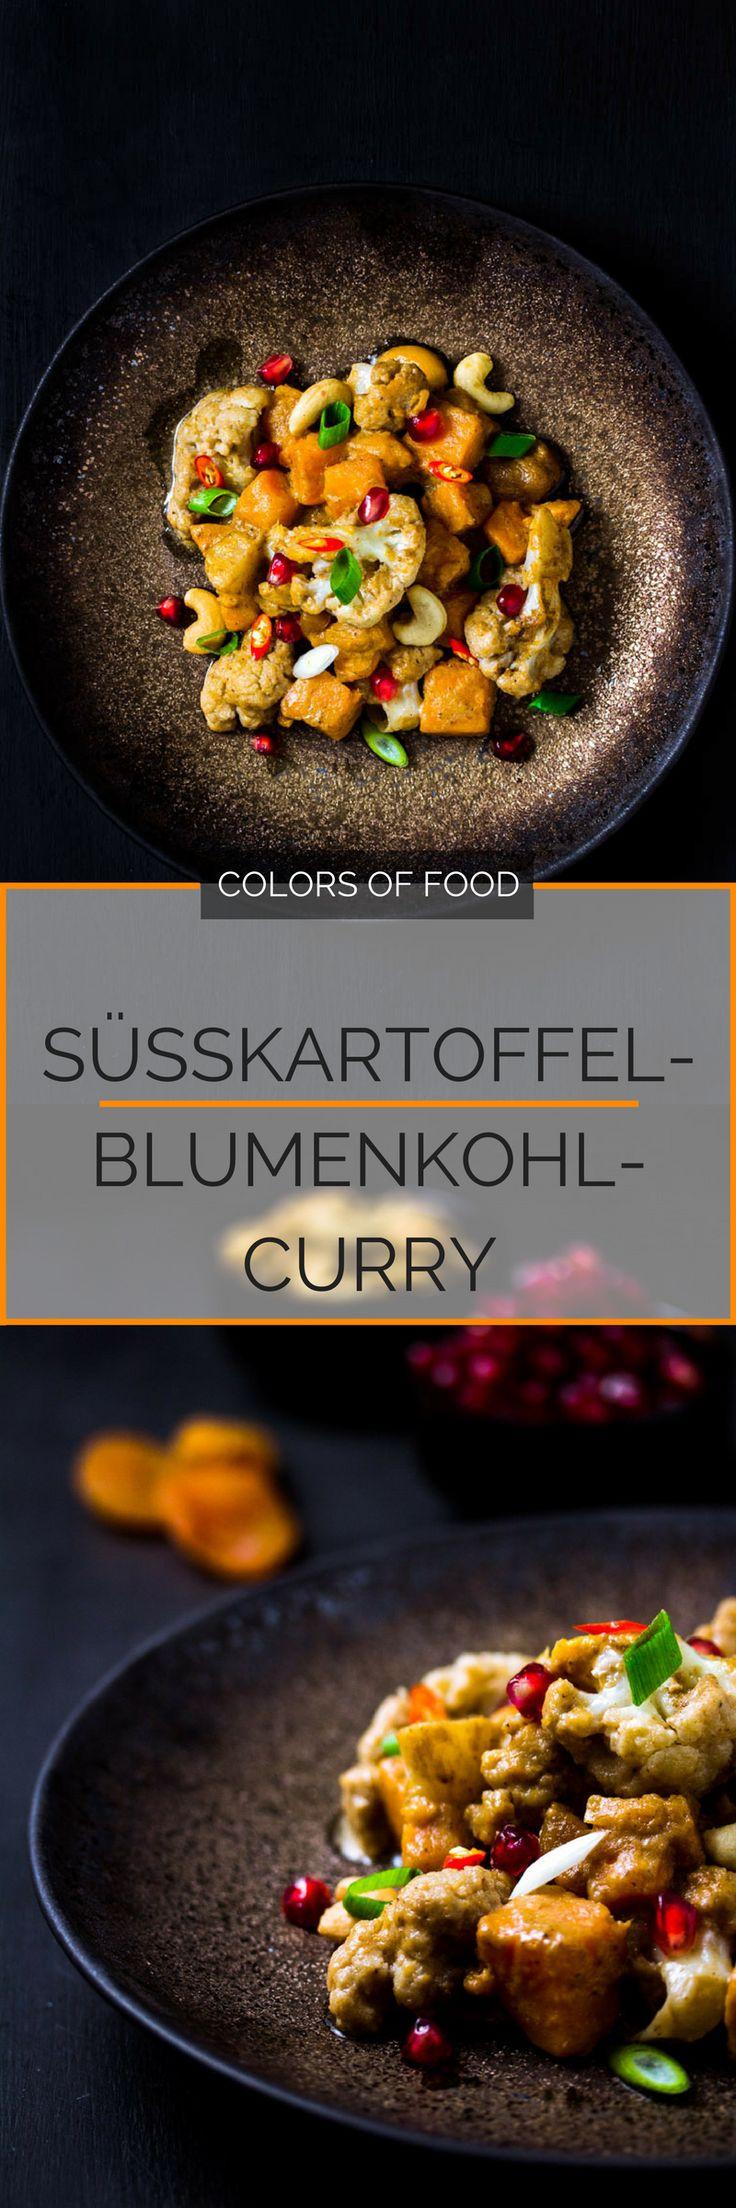 Ich habe heute ein leckeres, aromatisches Süßkartoffel-Blumenkohl-Curry für dich, dem nur schwer zu widerstehen ist. Und schön erfrischend ist es auch noch!